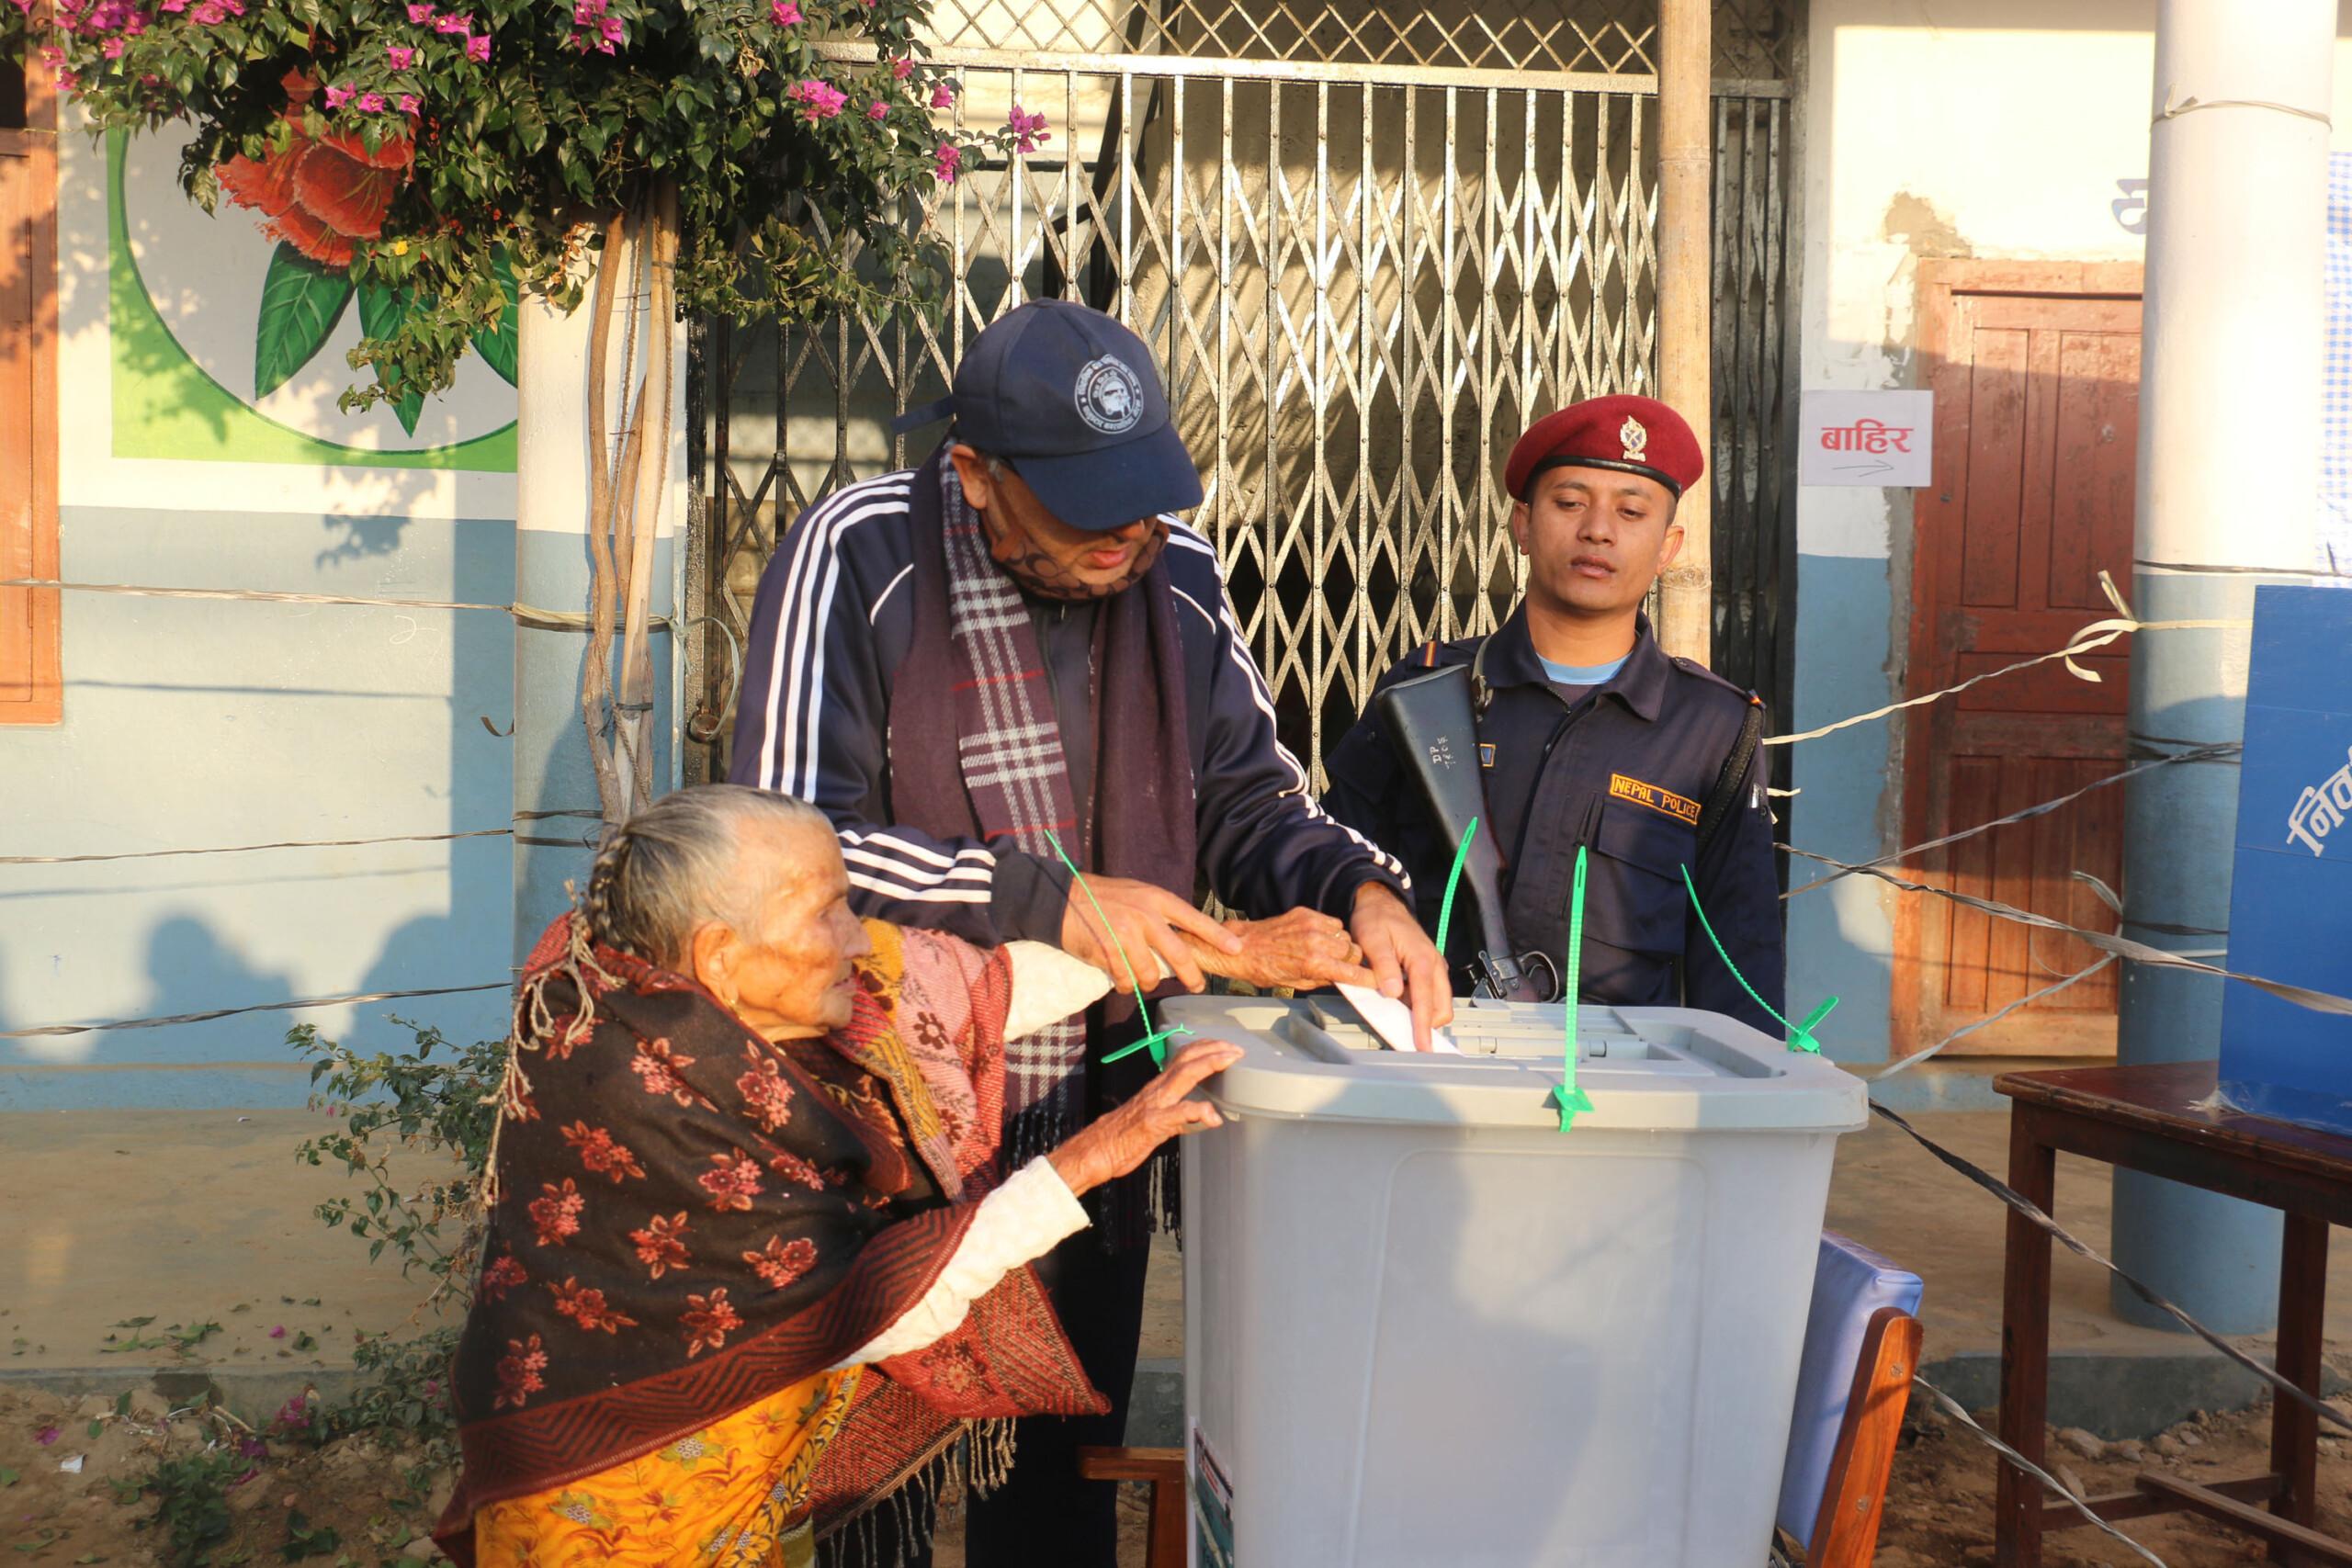 पर्वतीय सङ्ग्रहालयमा पर्यटकीय आकर्षण बढ्दै